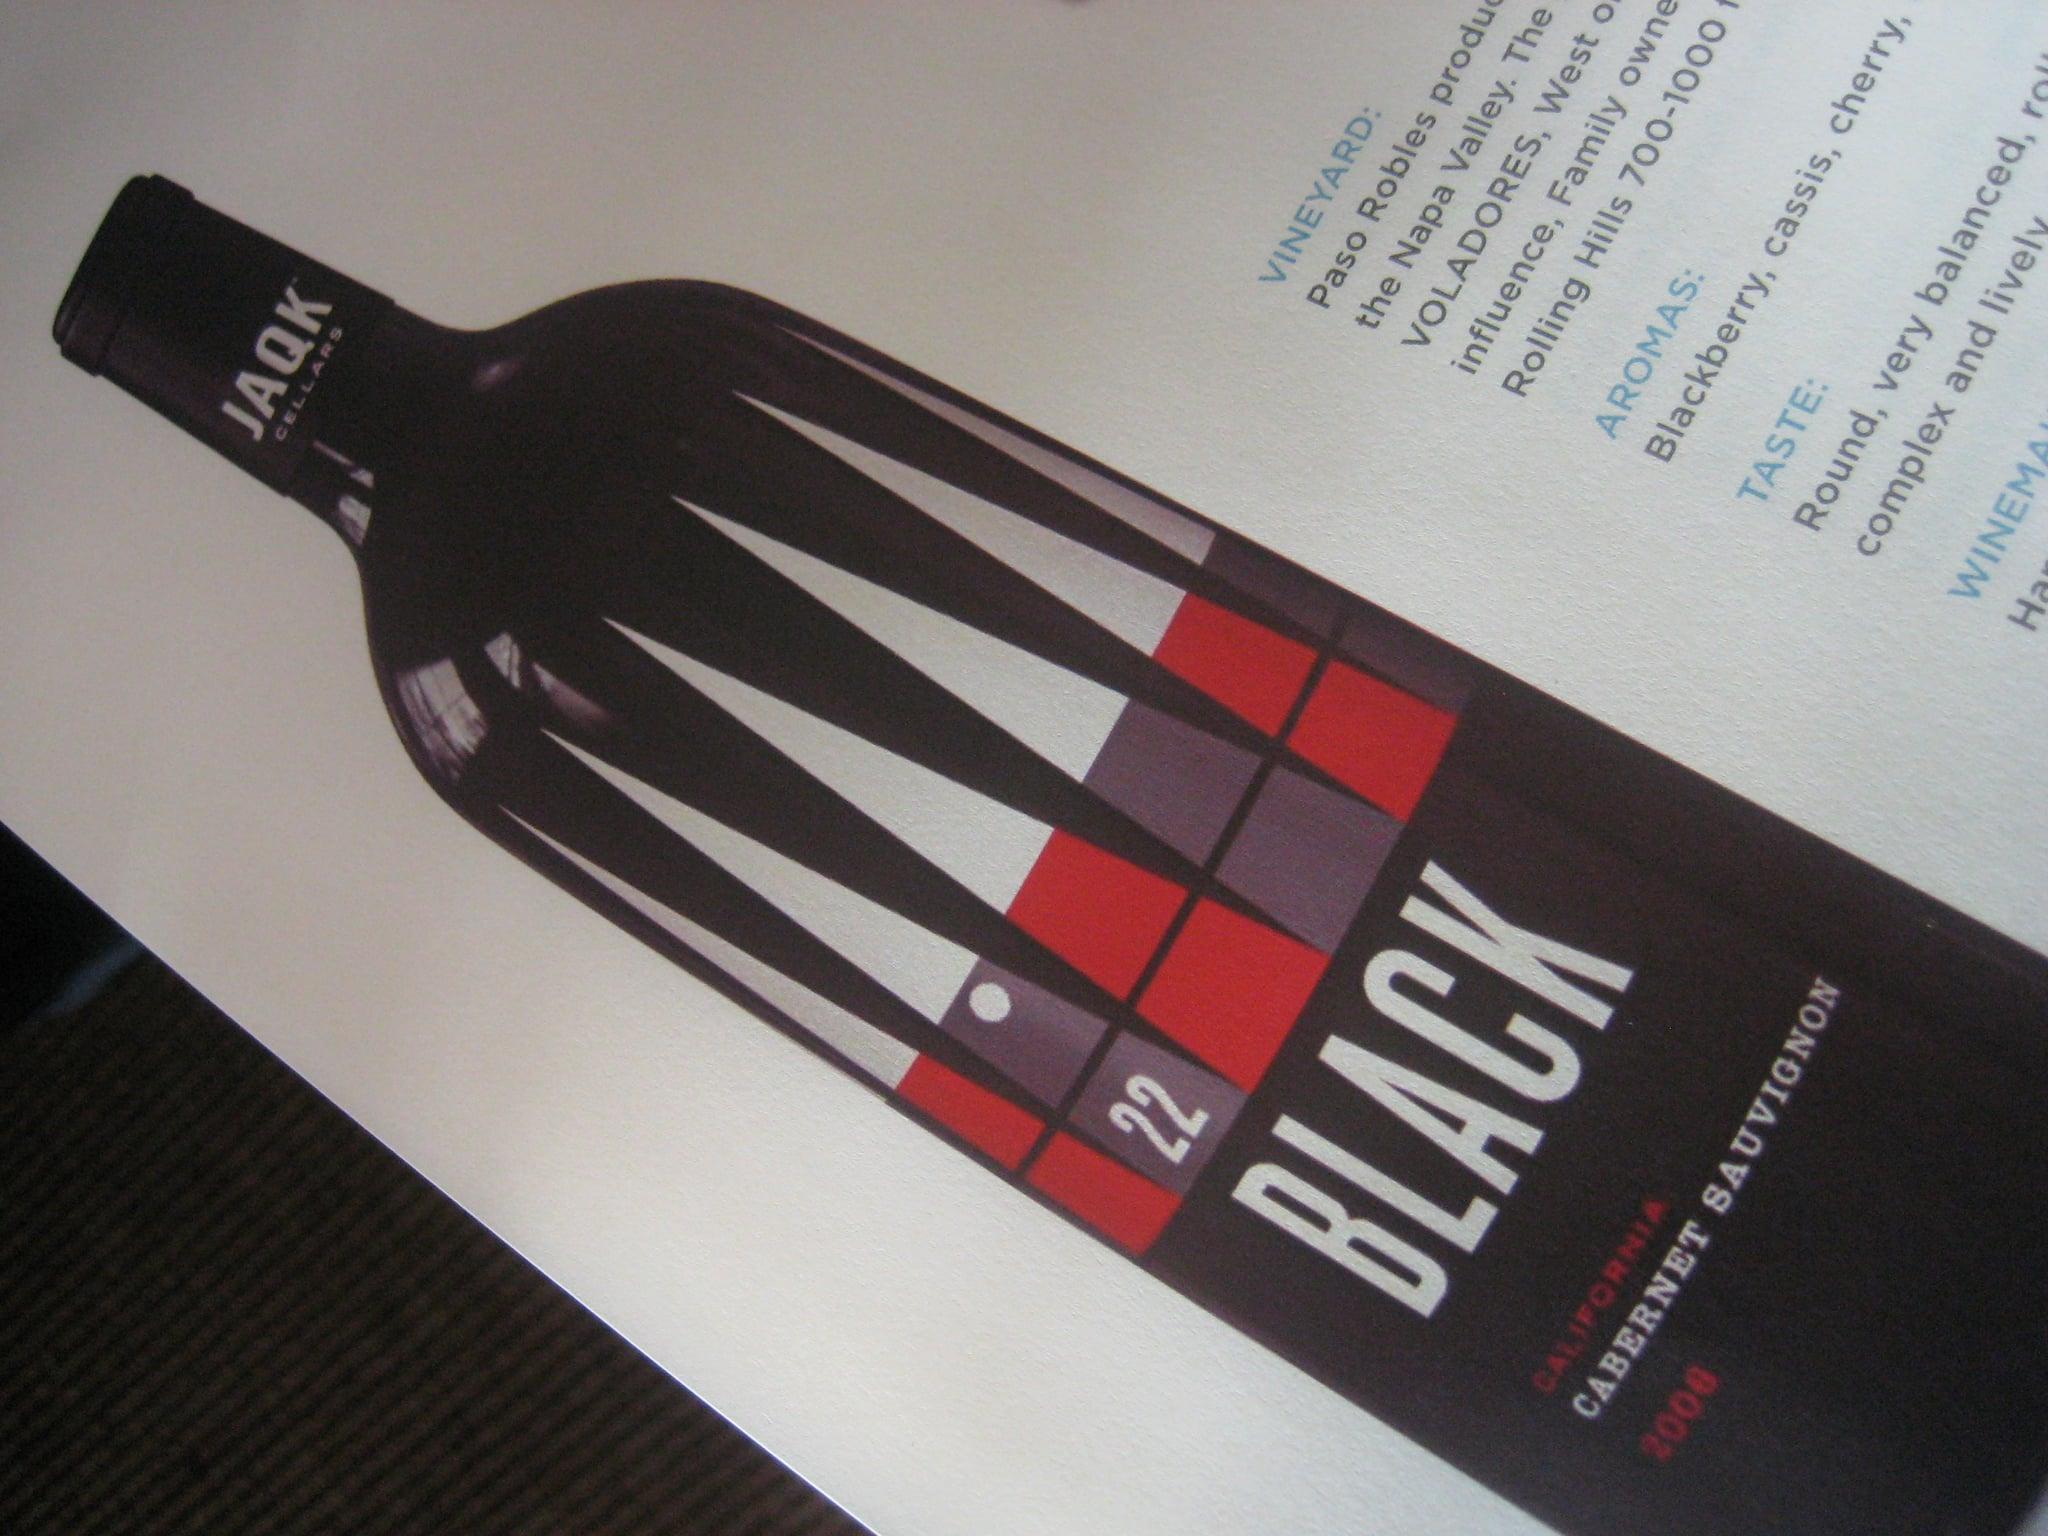 A description of 22 Black, the label's low-end Cabernet Sauvignon.